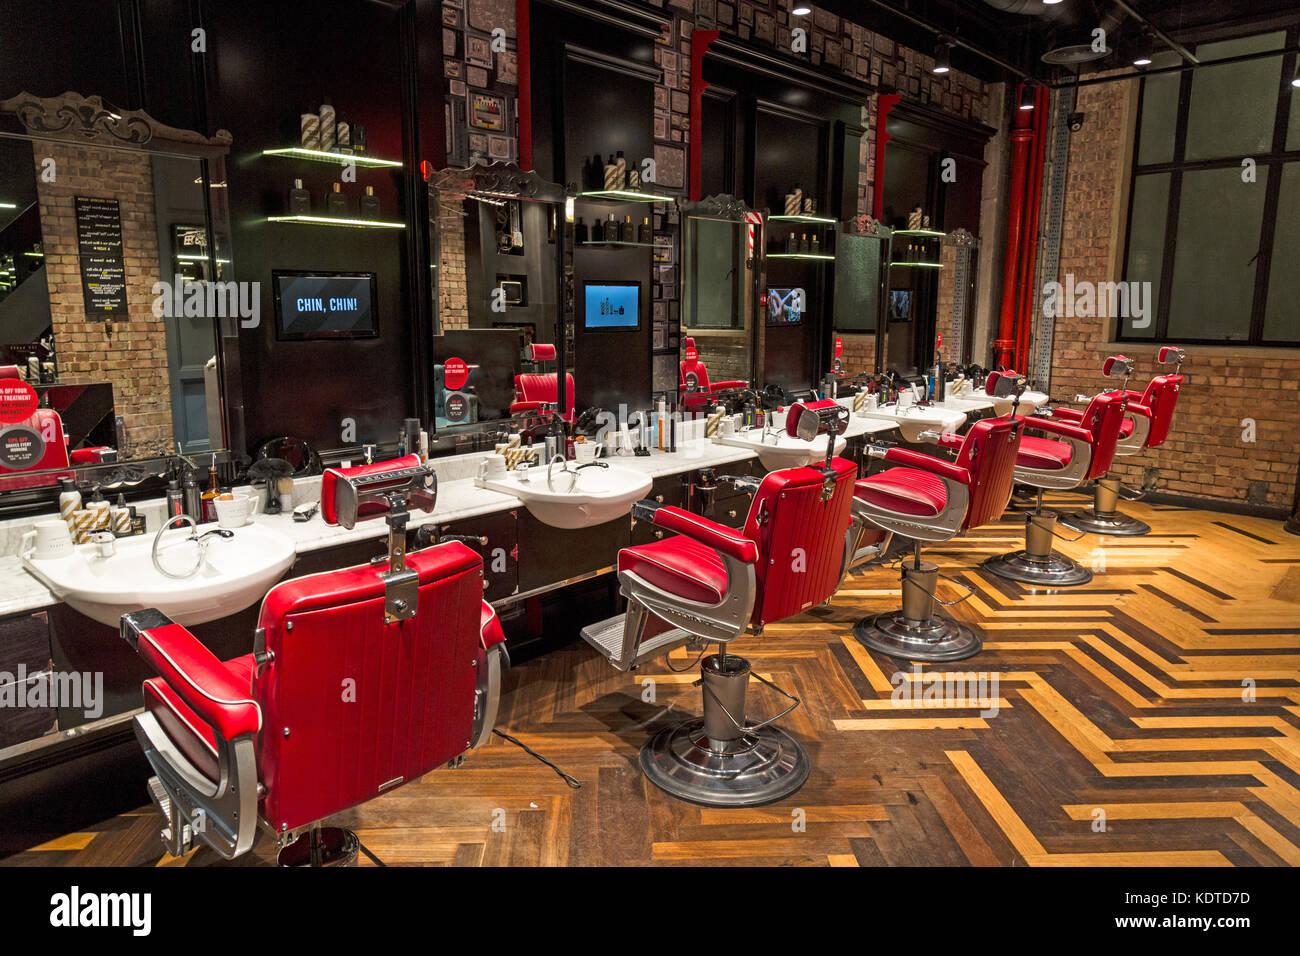 Barbers Floor Imágenes De Stock & Barbers Floor Fotos De Stock - Alamy